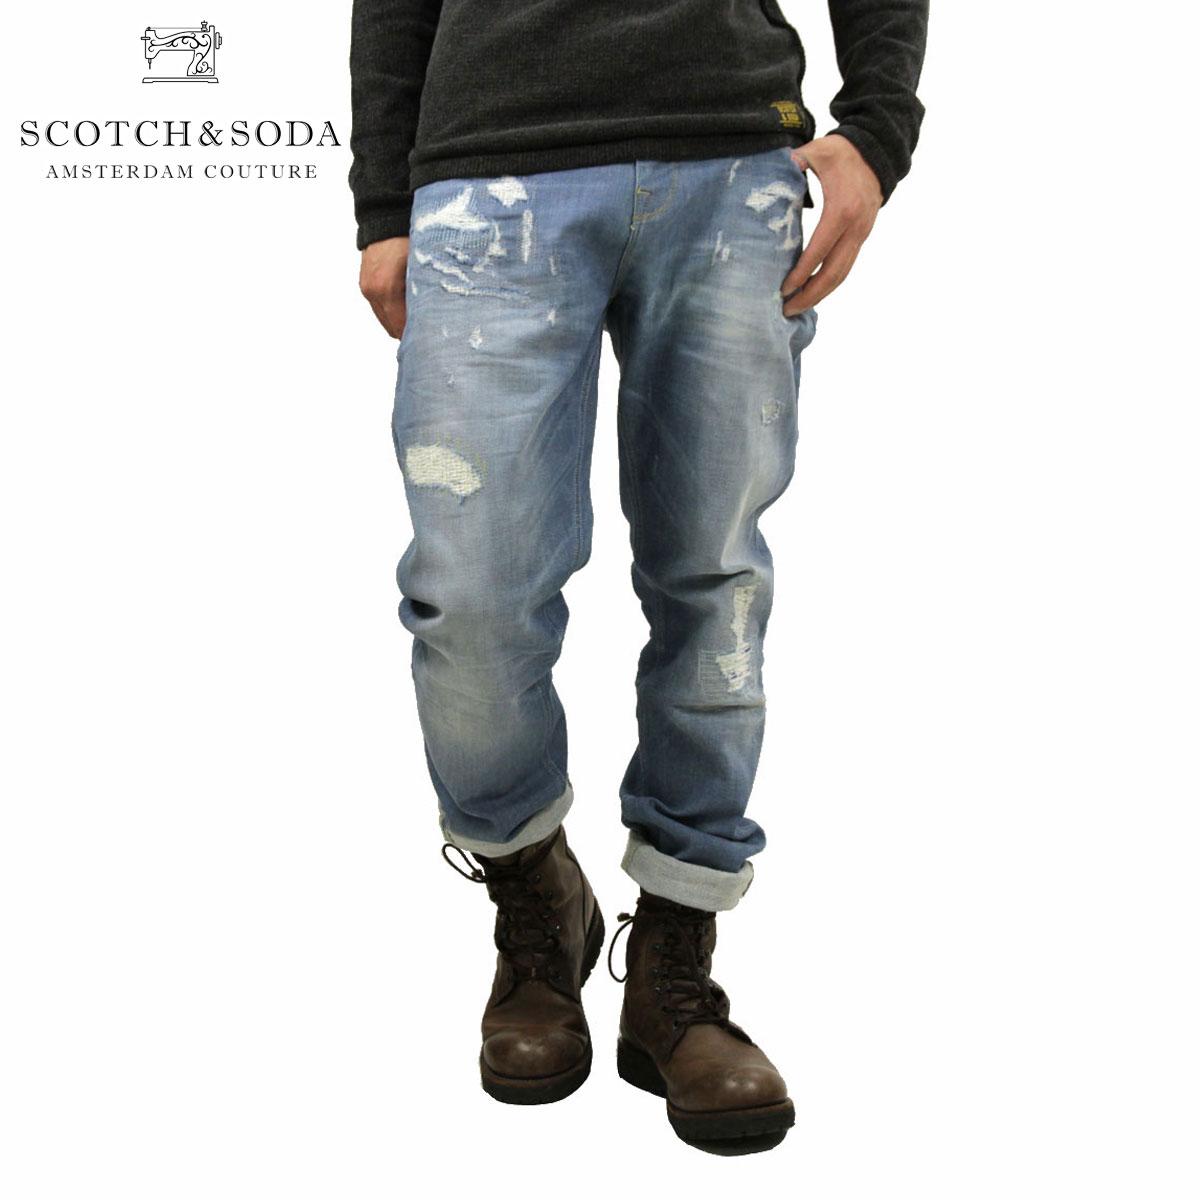 スコッチアンドソーダ SCOTCH&SODA 正規販売店 メンズ ジーンズ Lot 22 Tye-Sunshine Nomad 128552 48 D00S20